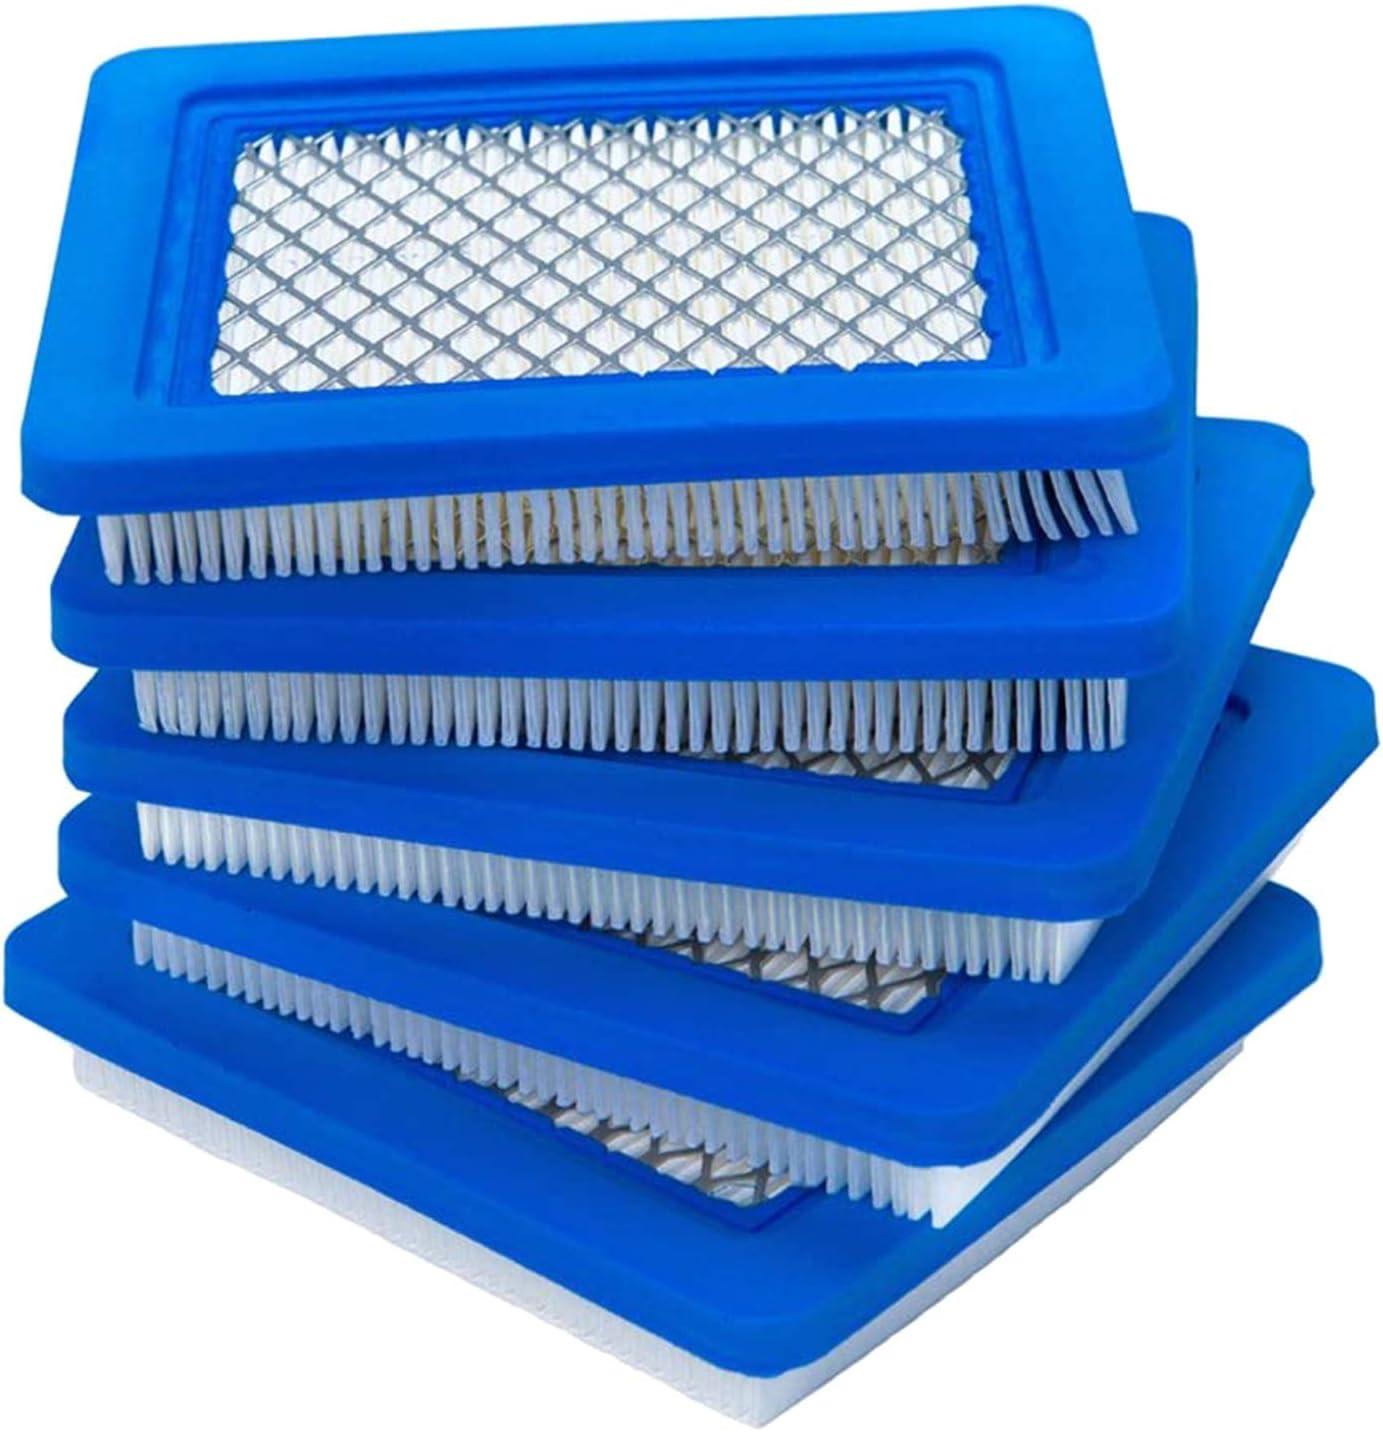 DROHOO 5 Piezas compatibles con Briggs y Stratton 491588, Toro 20332, cortacésped Craftsman, Azul